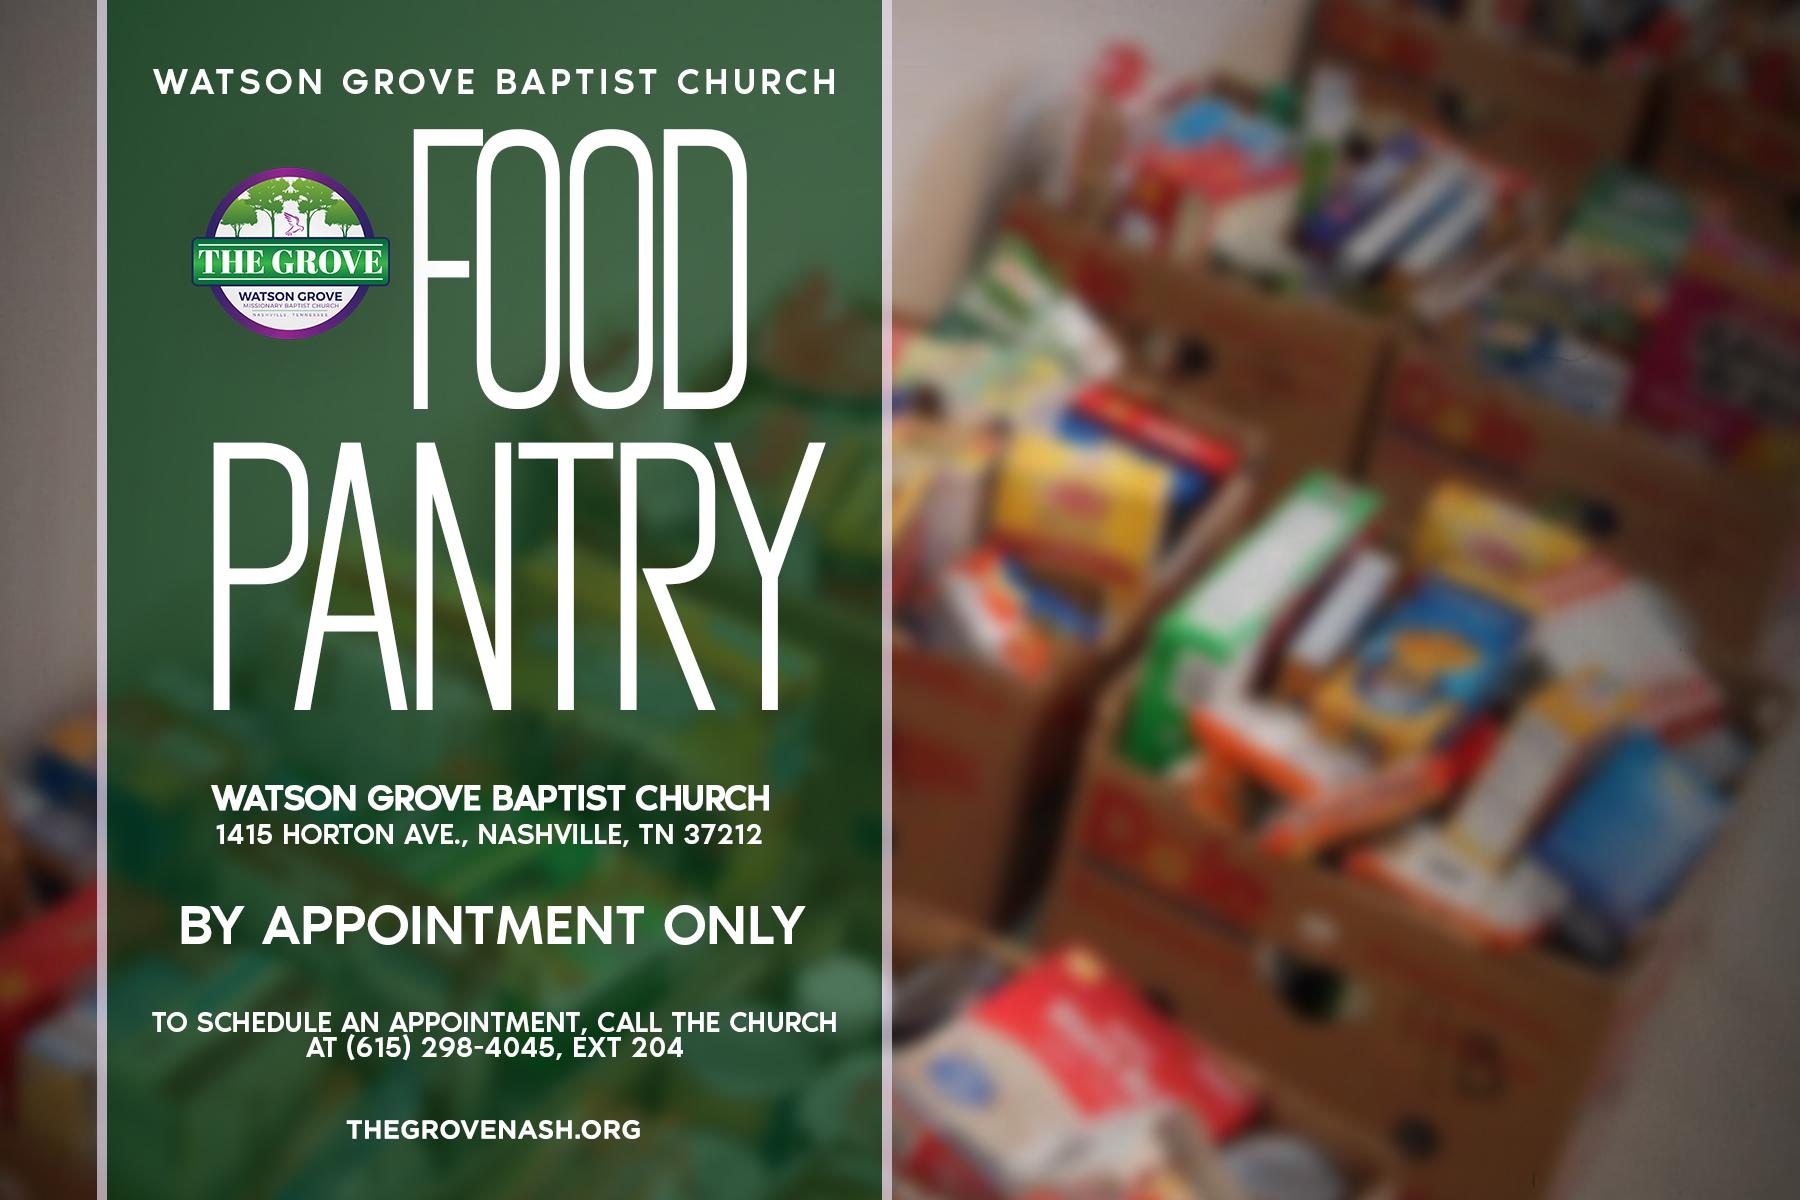 foodPantry2021